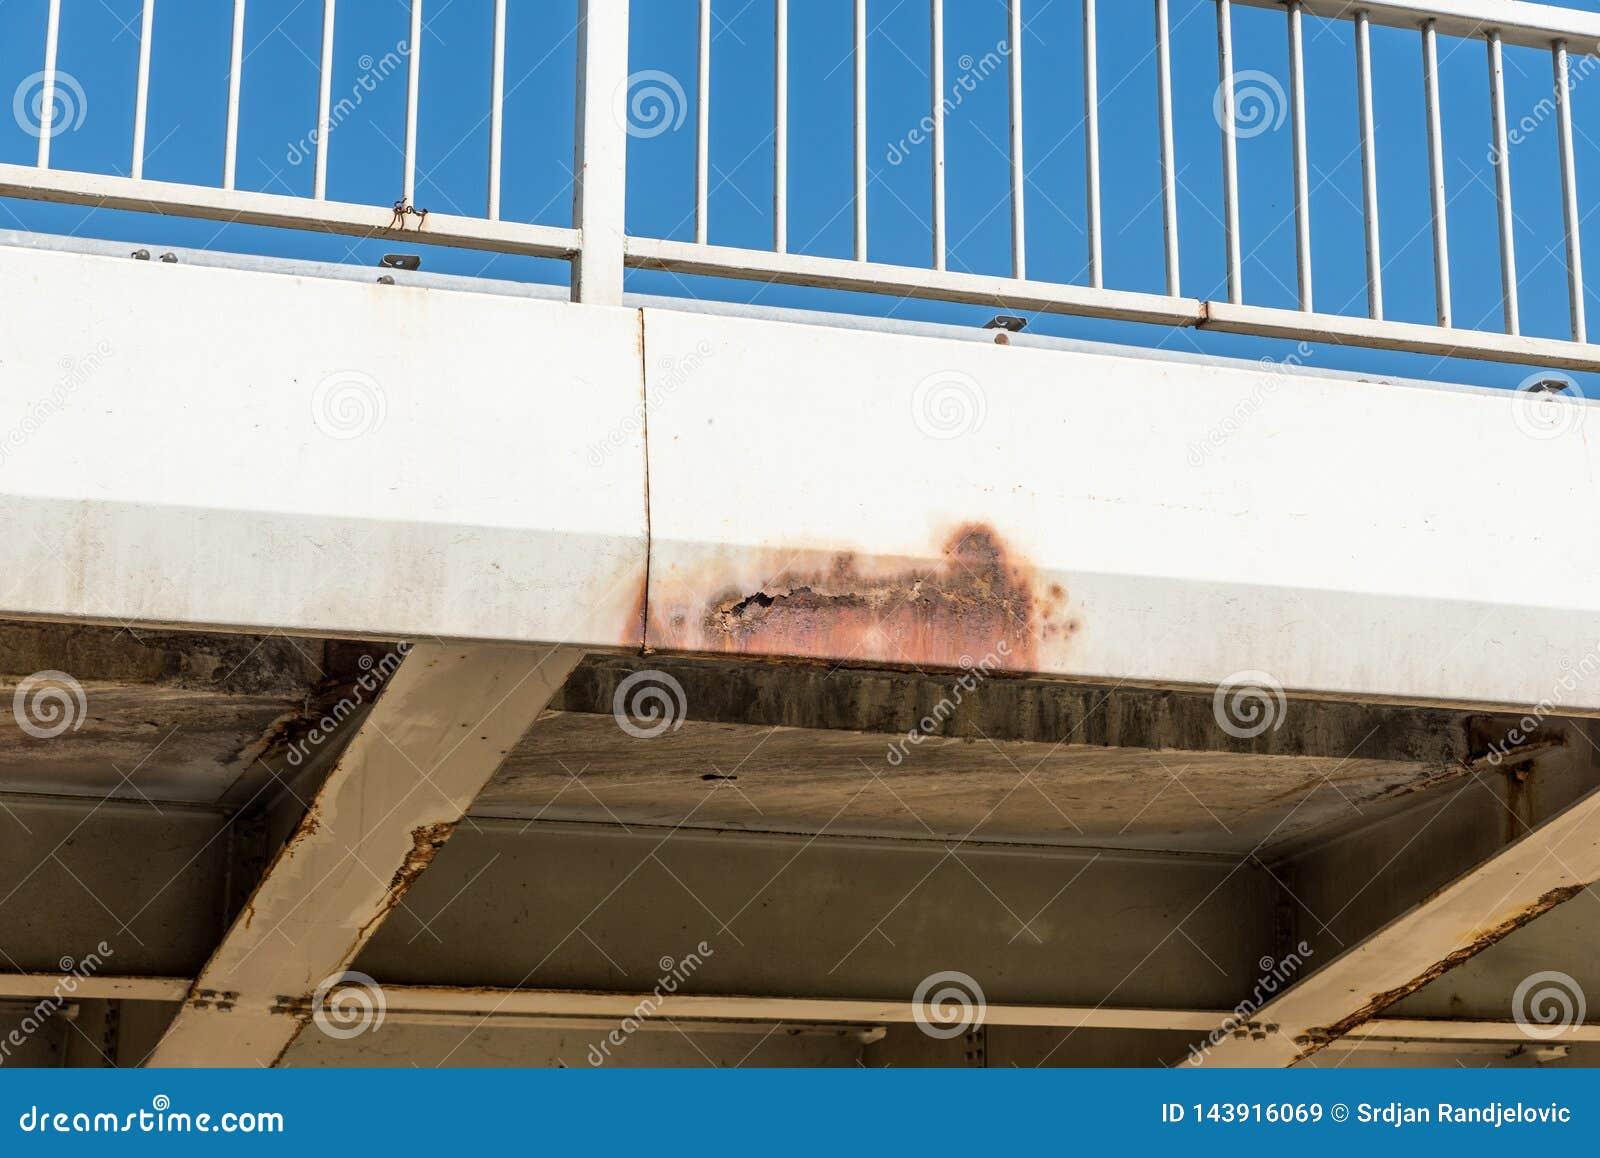 Χαλασμένη και οξυδωμένη κατασκευή γεφυρών μετάλλων με τη σκουριά και διάβρωση στο συνδεδεμένο μέρος με τον κίνδυνο μπουλονιών για